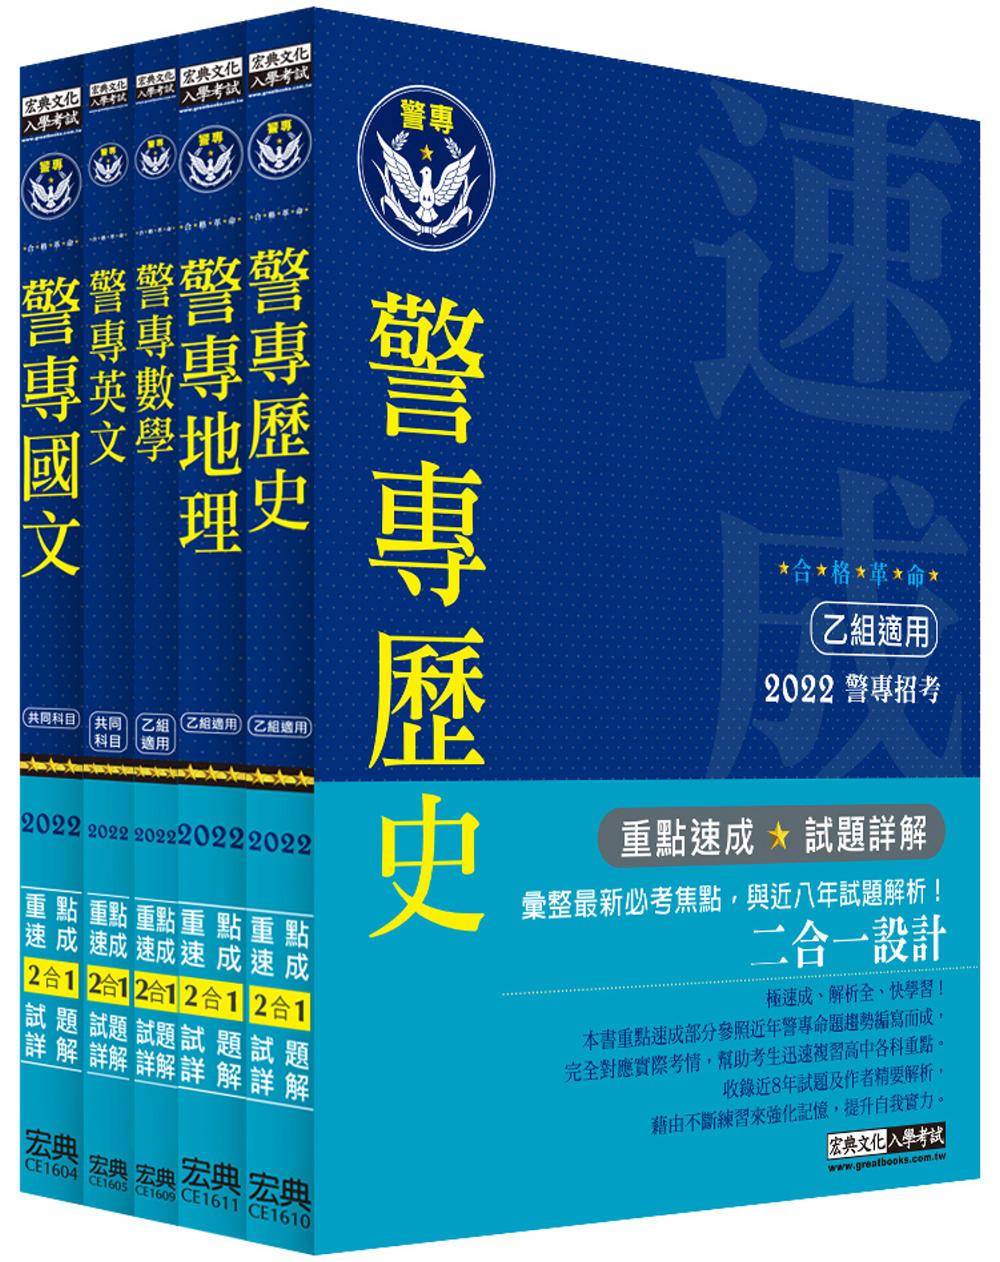 合格革命!警專入學考試:乙組行政警察科套書(創新重點整理+近五年試題精要詳解)